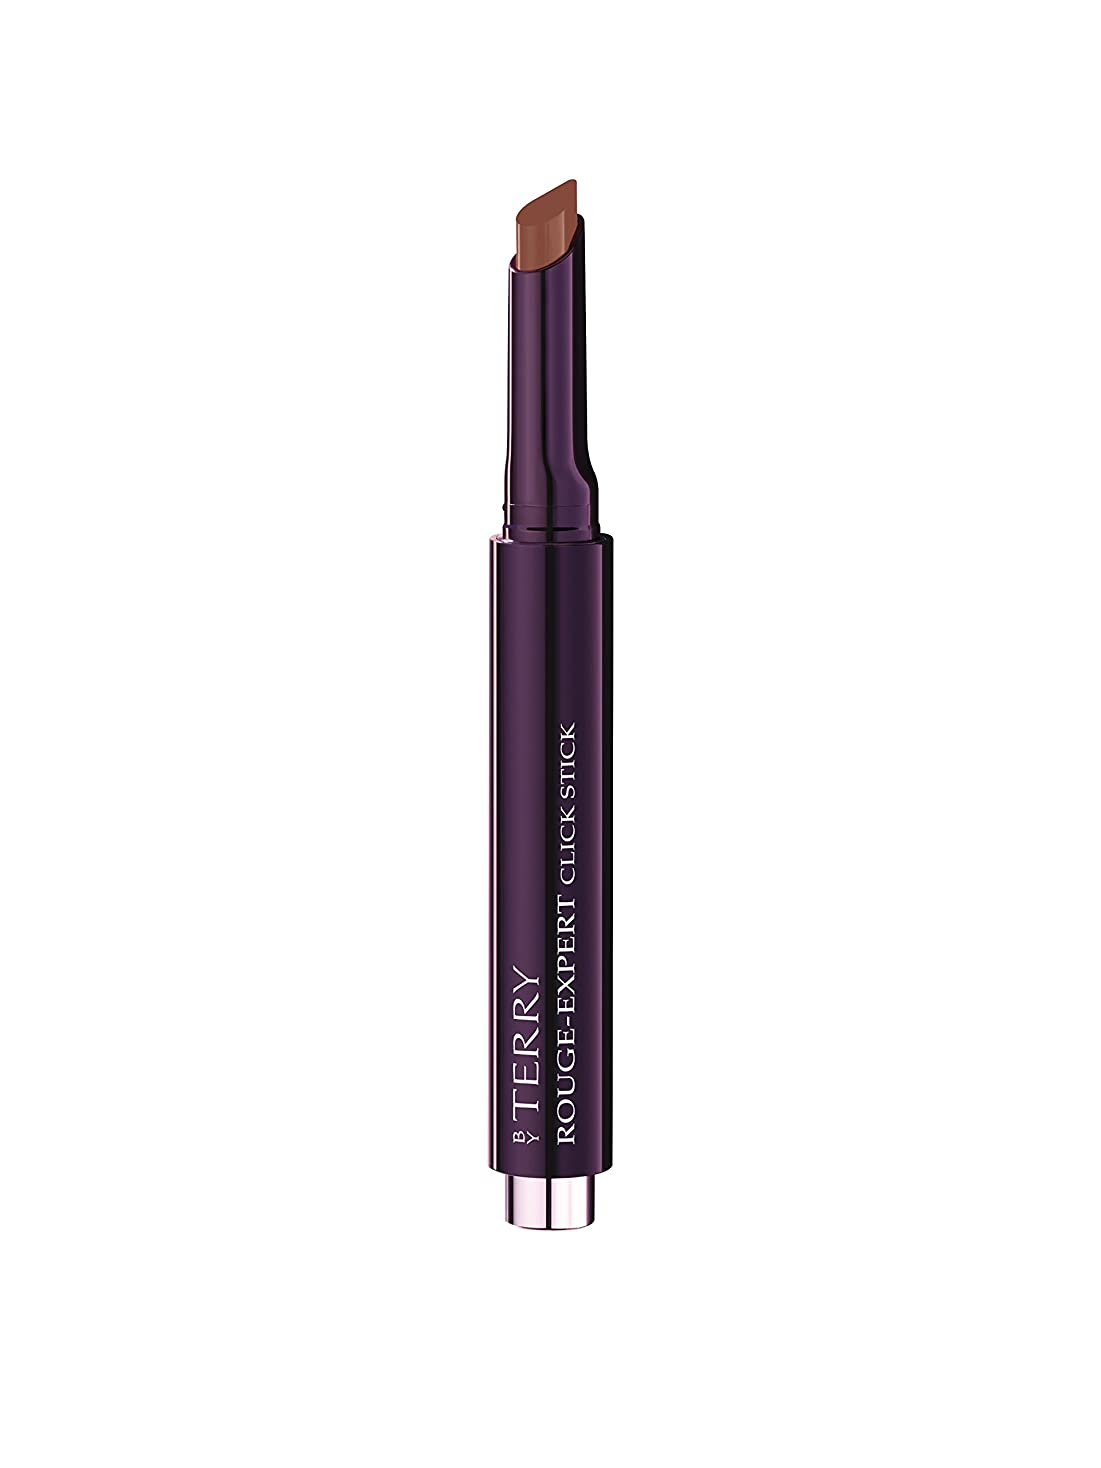 軽蔑する間違いソフトウェアバイテリー Rouge Expert Click Stick Hybrid Lipstick - # 28 Pecan Nude 1.5g/0.05oz並行輸入品